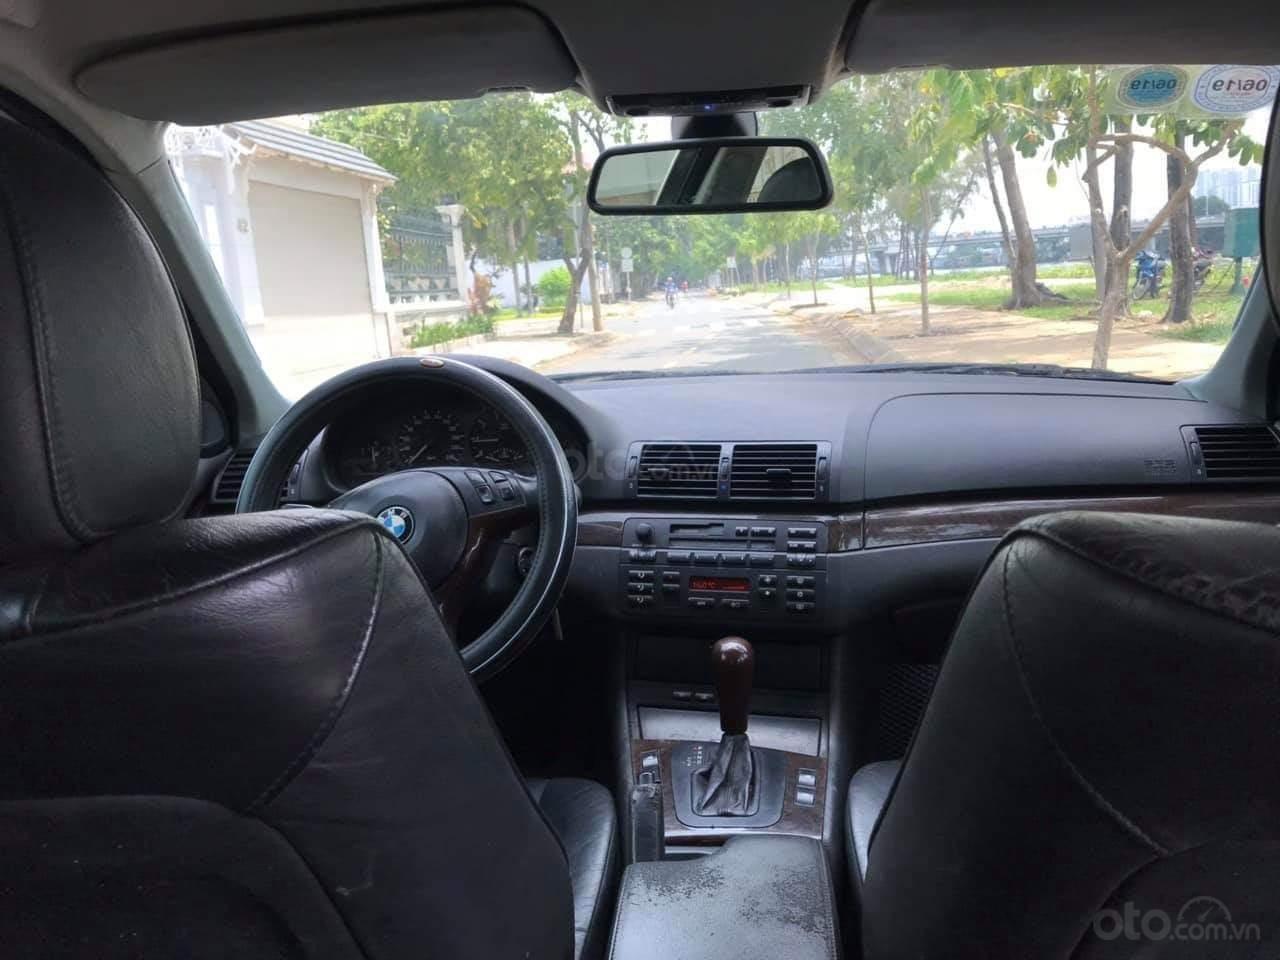 Bán ô tô BMW 3 Series 325i sản xuất 2003 (16)